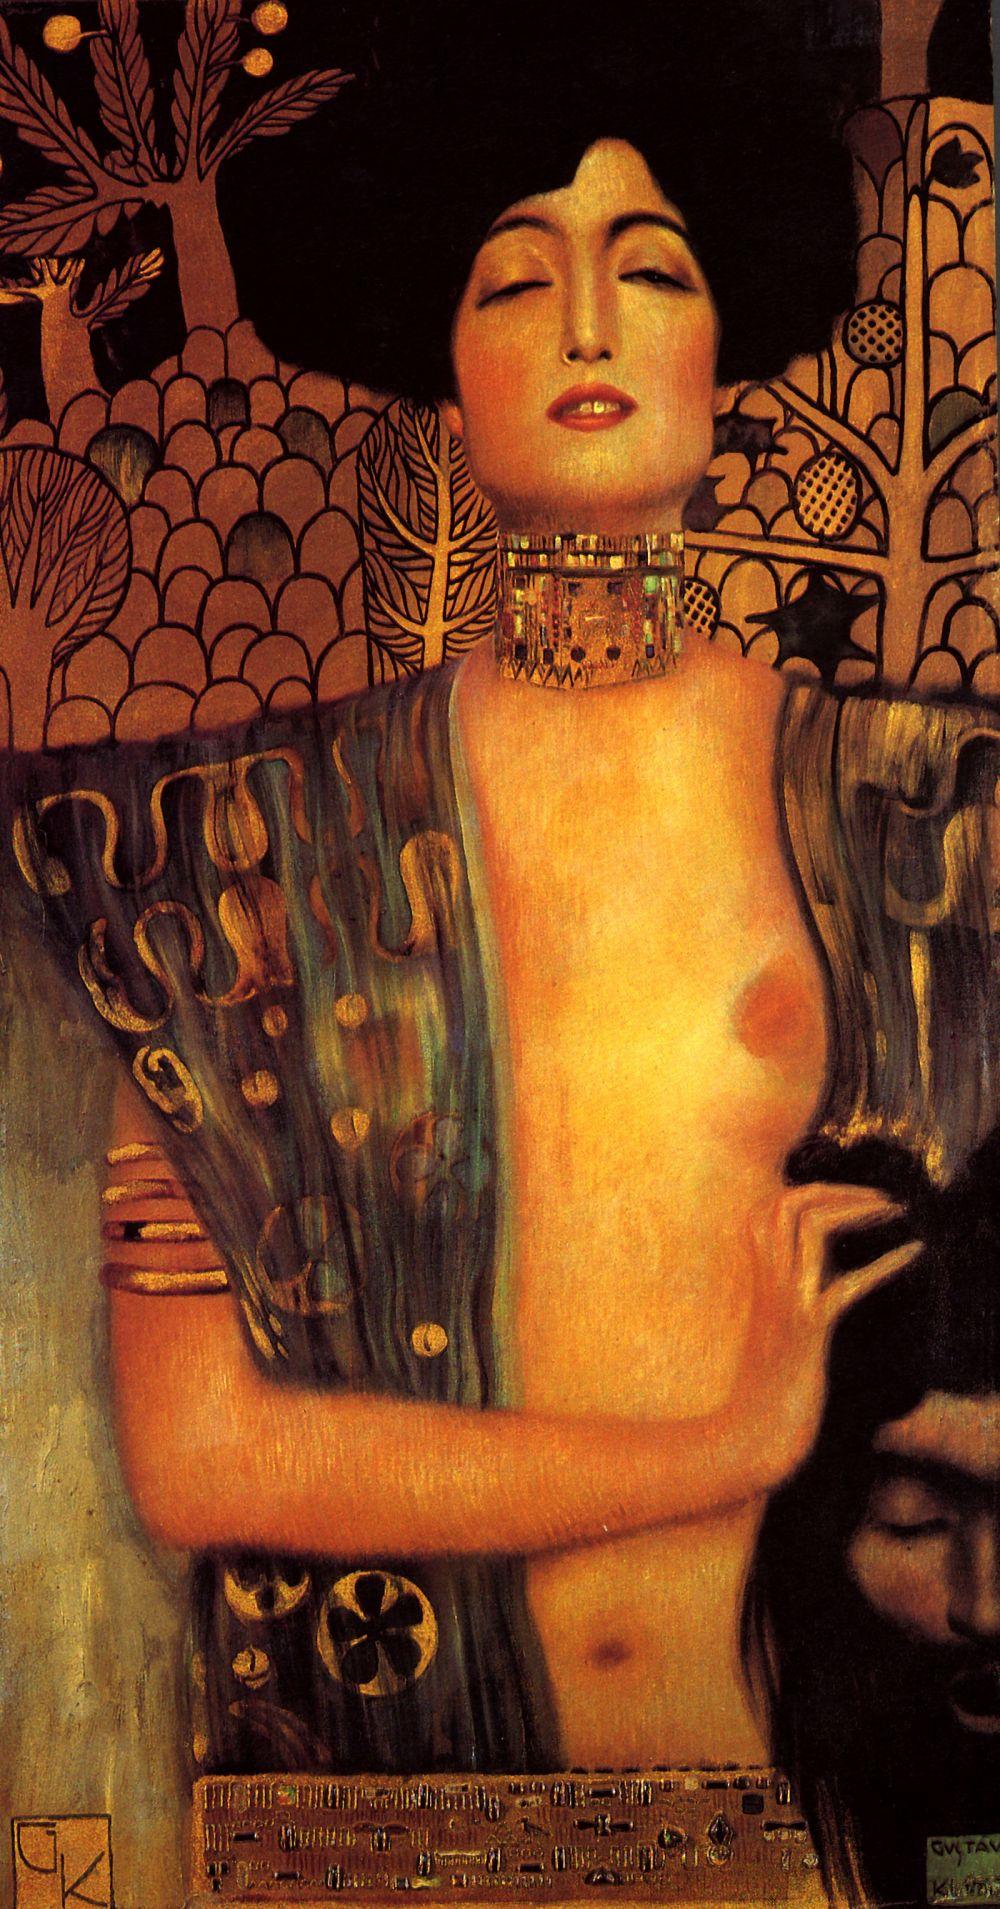 Mujeres. Mitologías. Gustav Klimt,Judith y la cabeza de Holofernes II, siglo XIX.